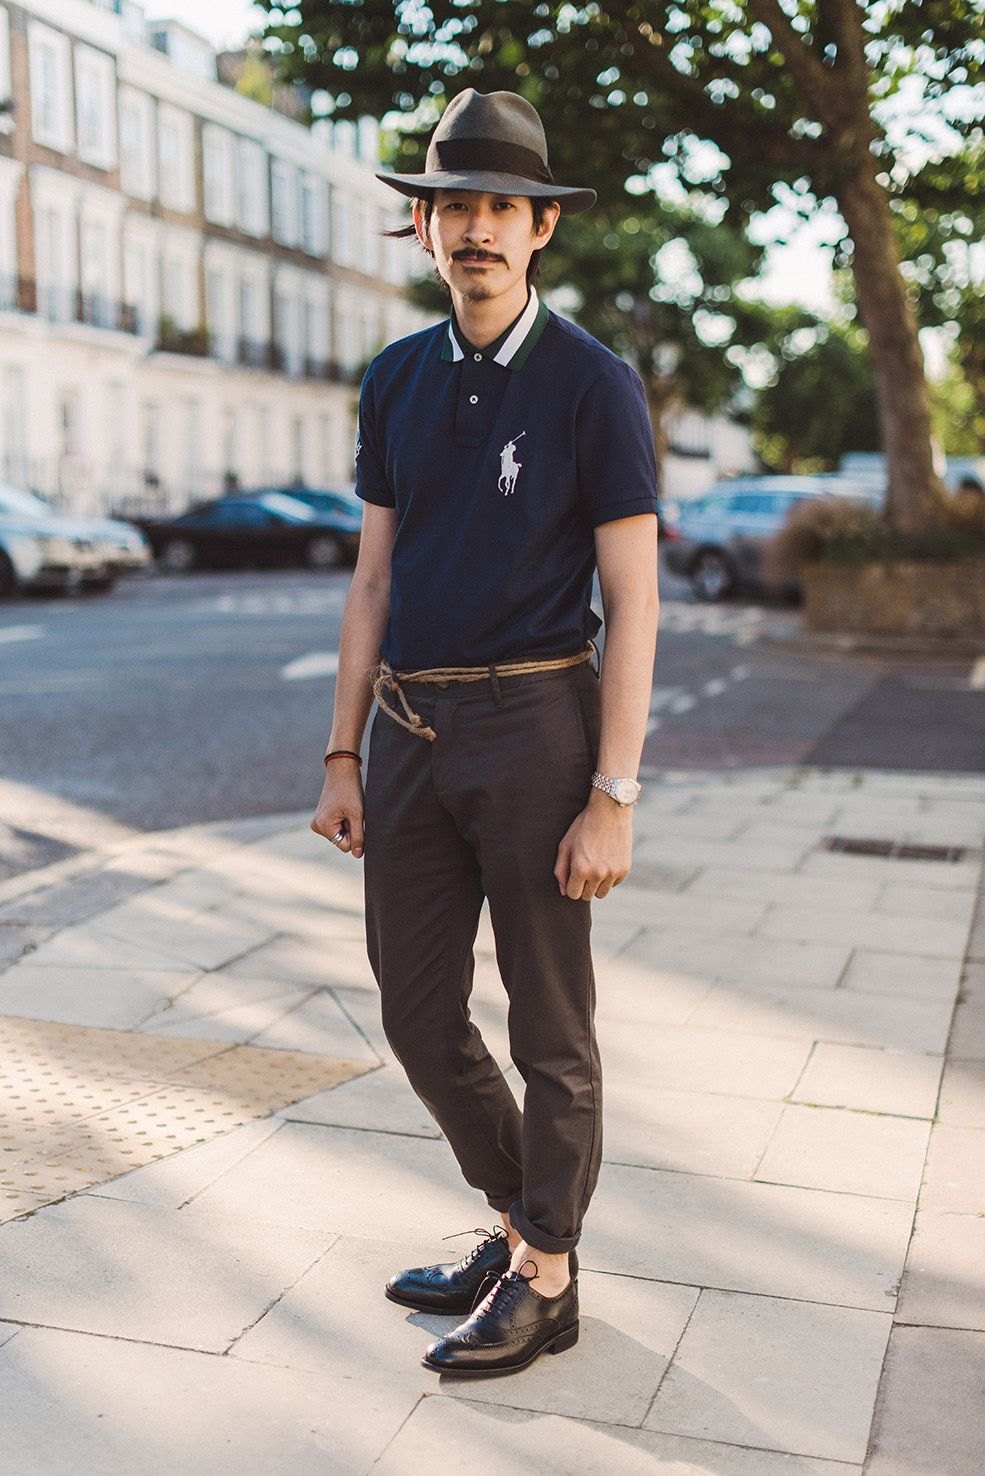 Mr Boy Style Fashion Menswear Mens Fashion Blog Mens Style